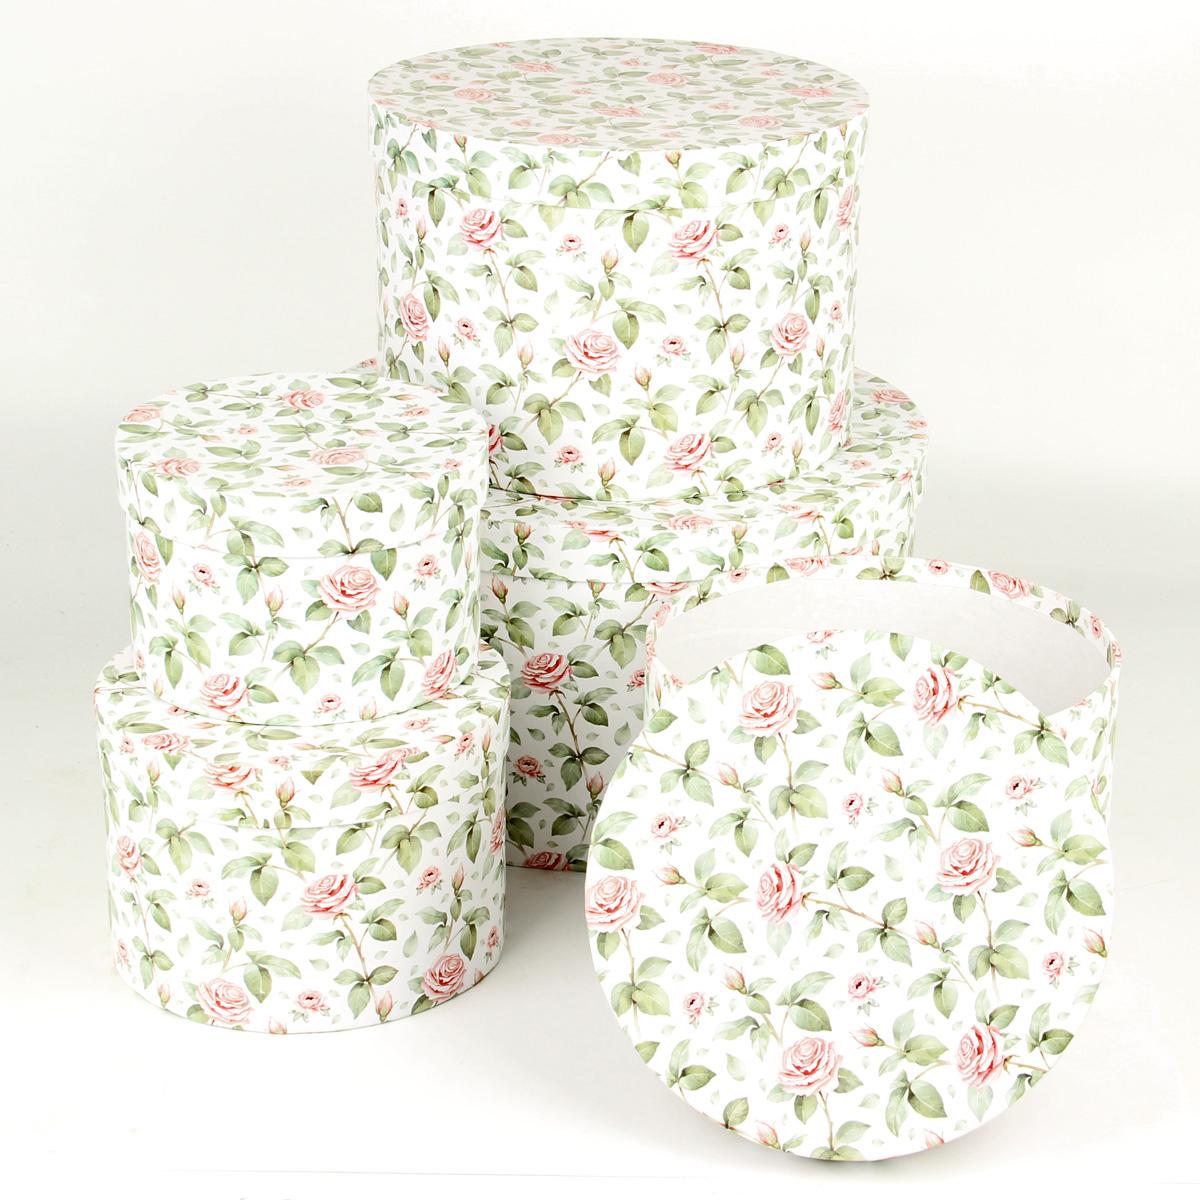 Набор подарочных коробок Veld-Co Чайные розы, круглые, 5 шт набор подарочных коробок veld co гимн весне круглые высокие 3 шт